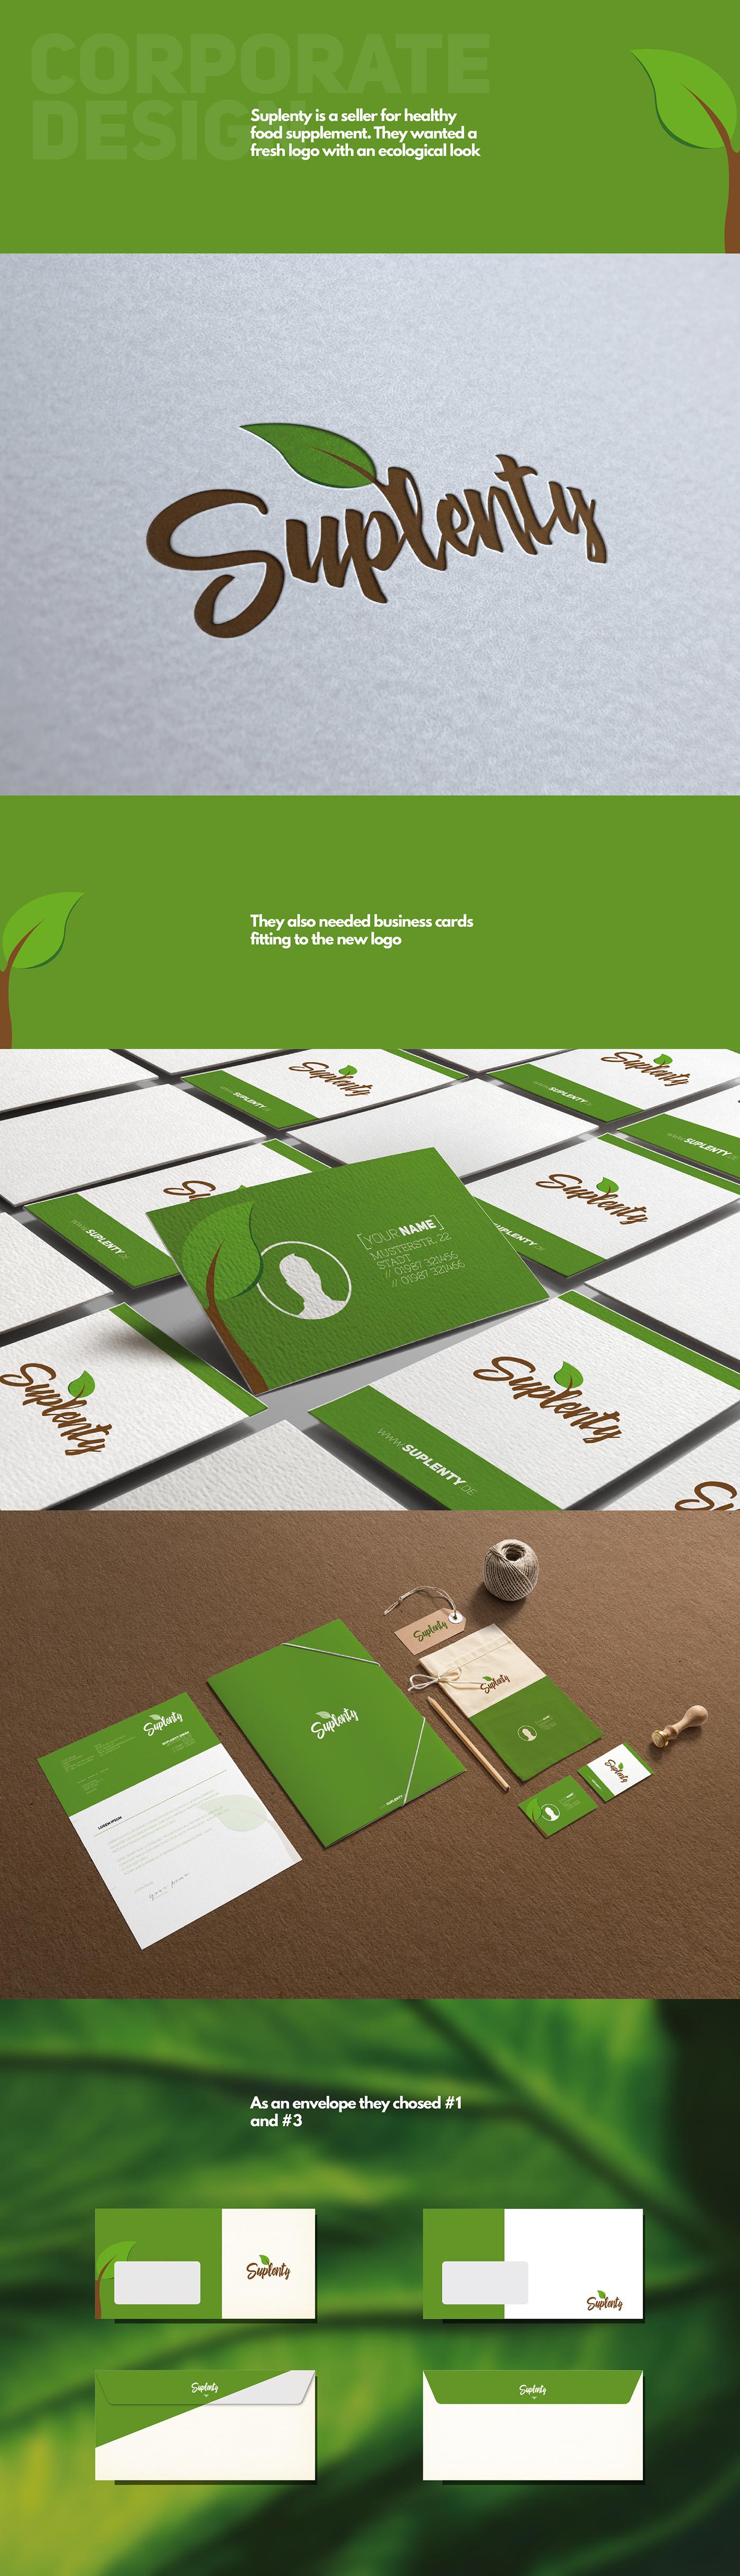 Corporate Design Business Cards Stationery envelope food supplement Logo Design leaf